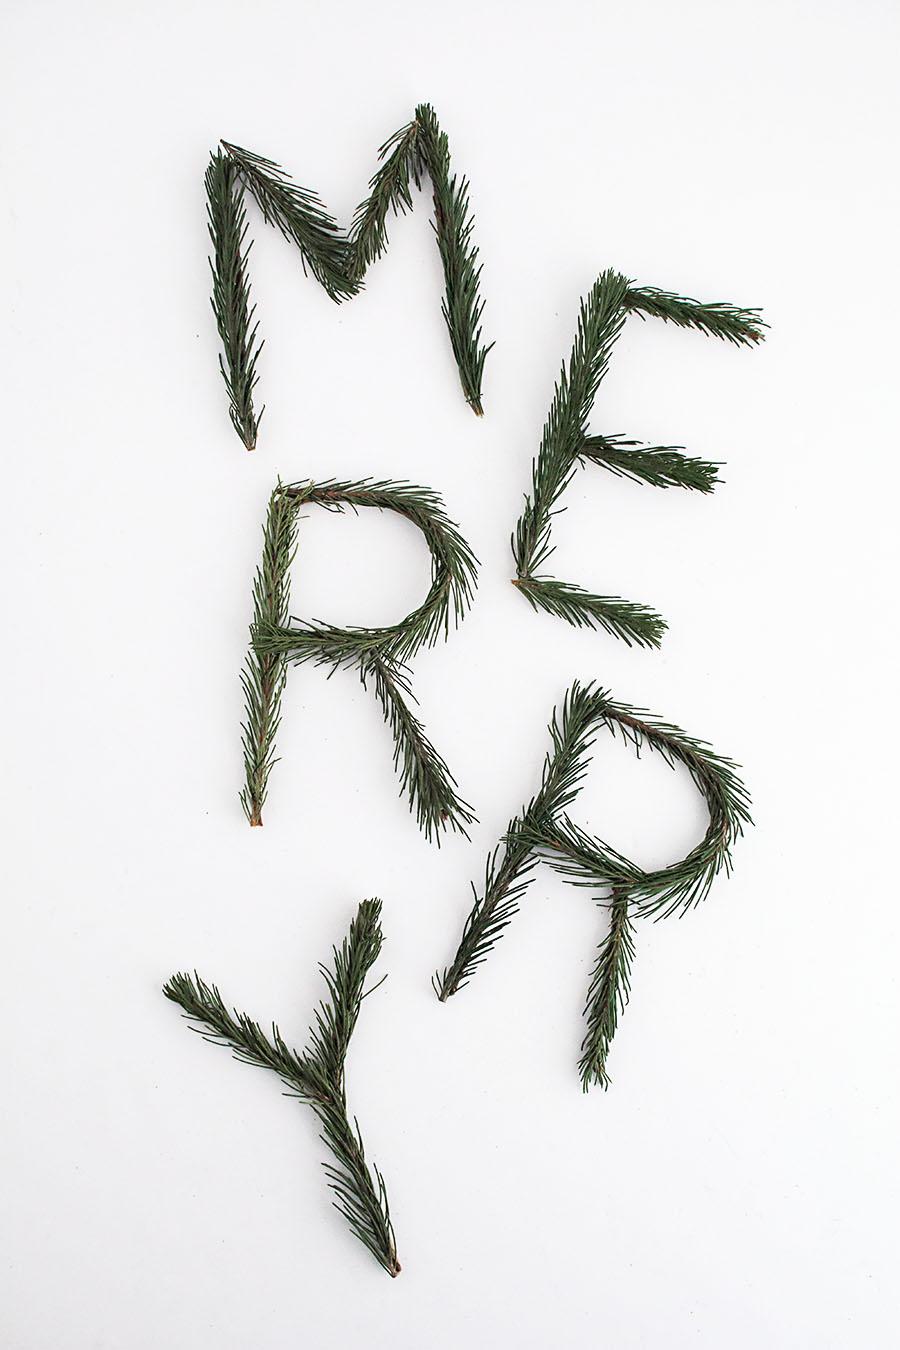 annalaurakummer-inspiration-weihnachten-pinterest-merry-pine-letters